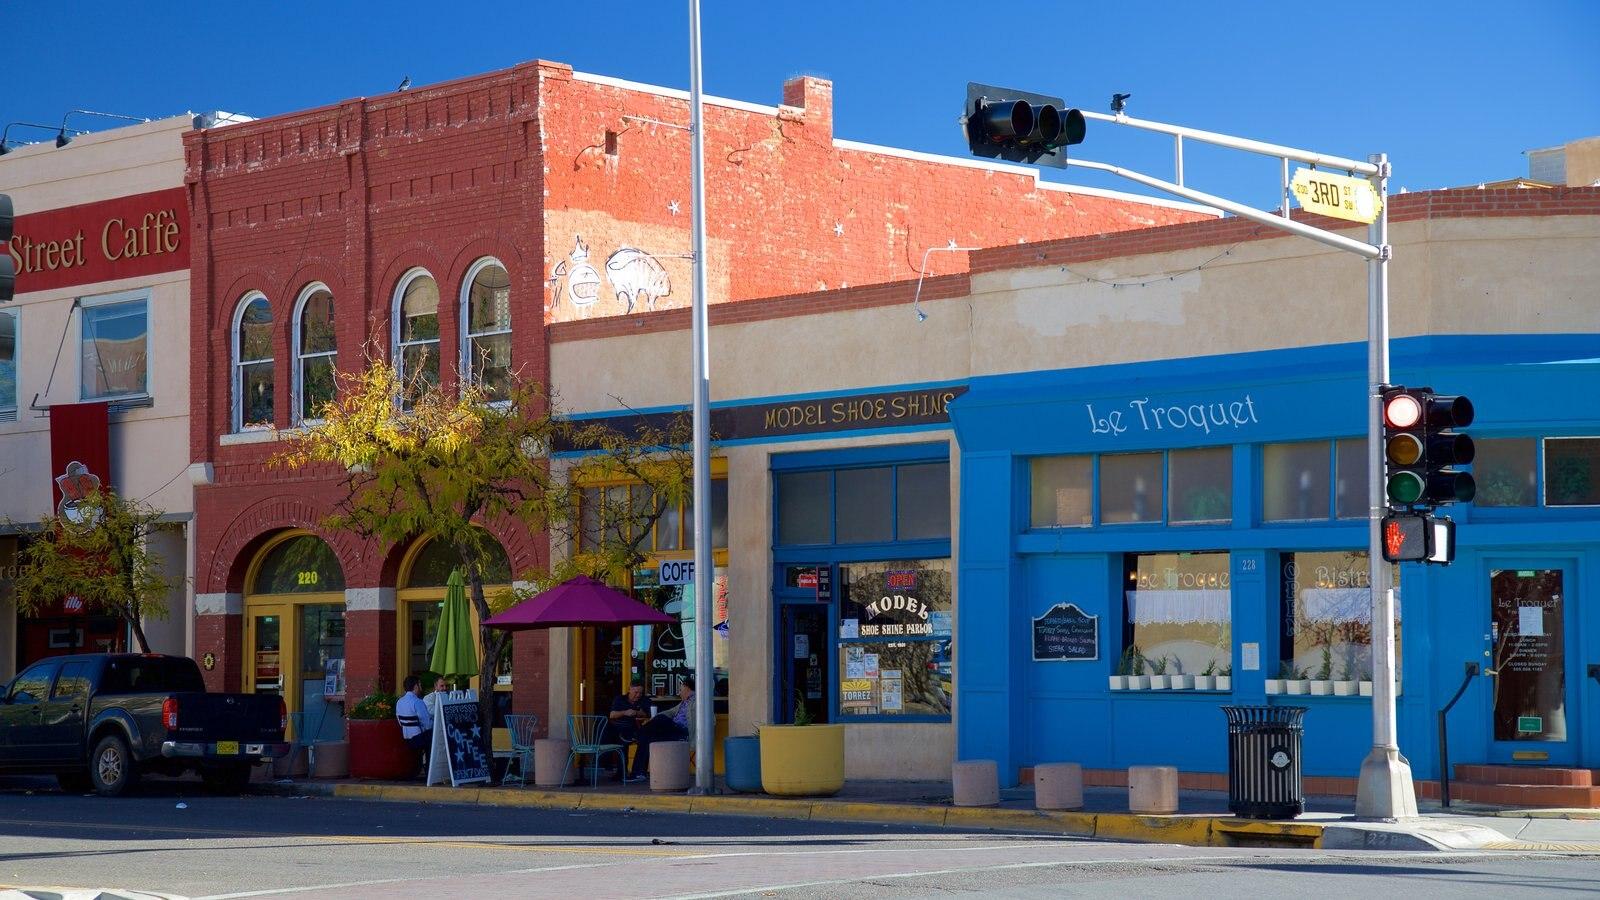 Albuquerque ofreciendo escenas urbanas